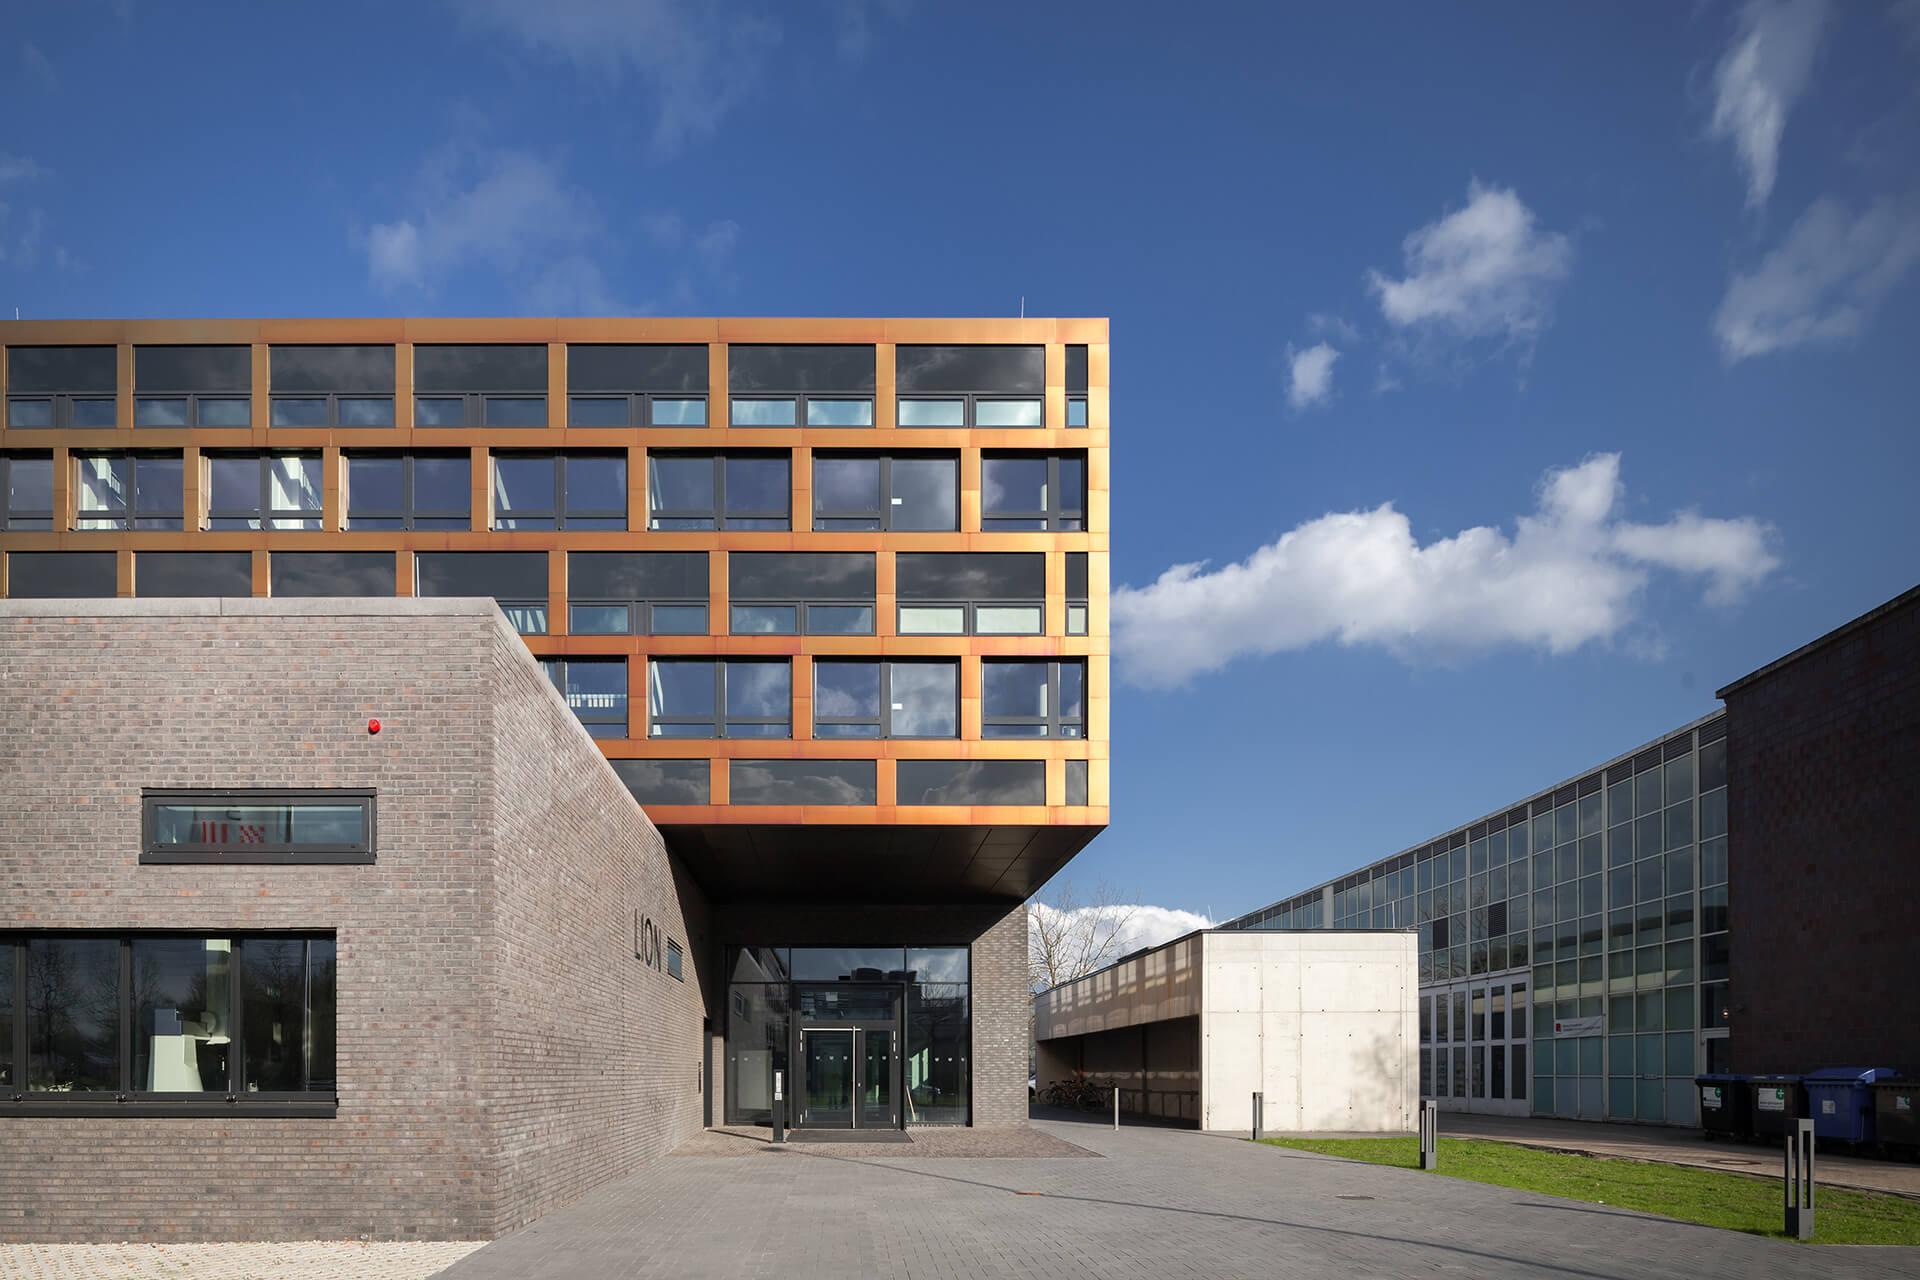 Ksg architekten lion bremen - Architekten bremen ...